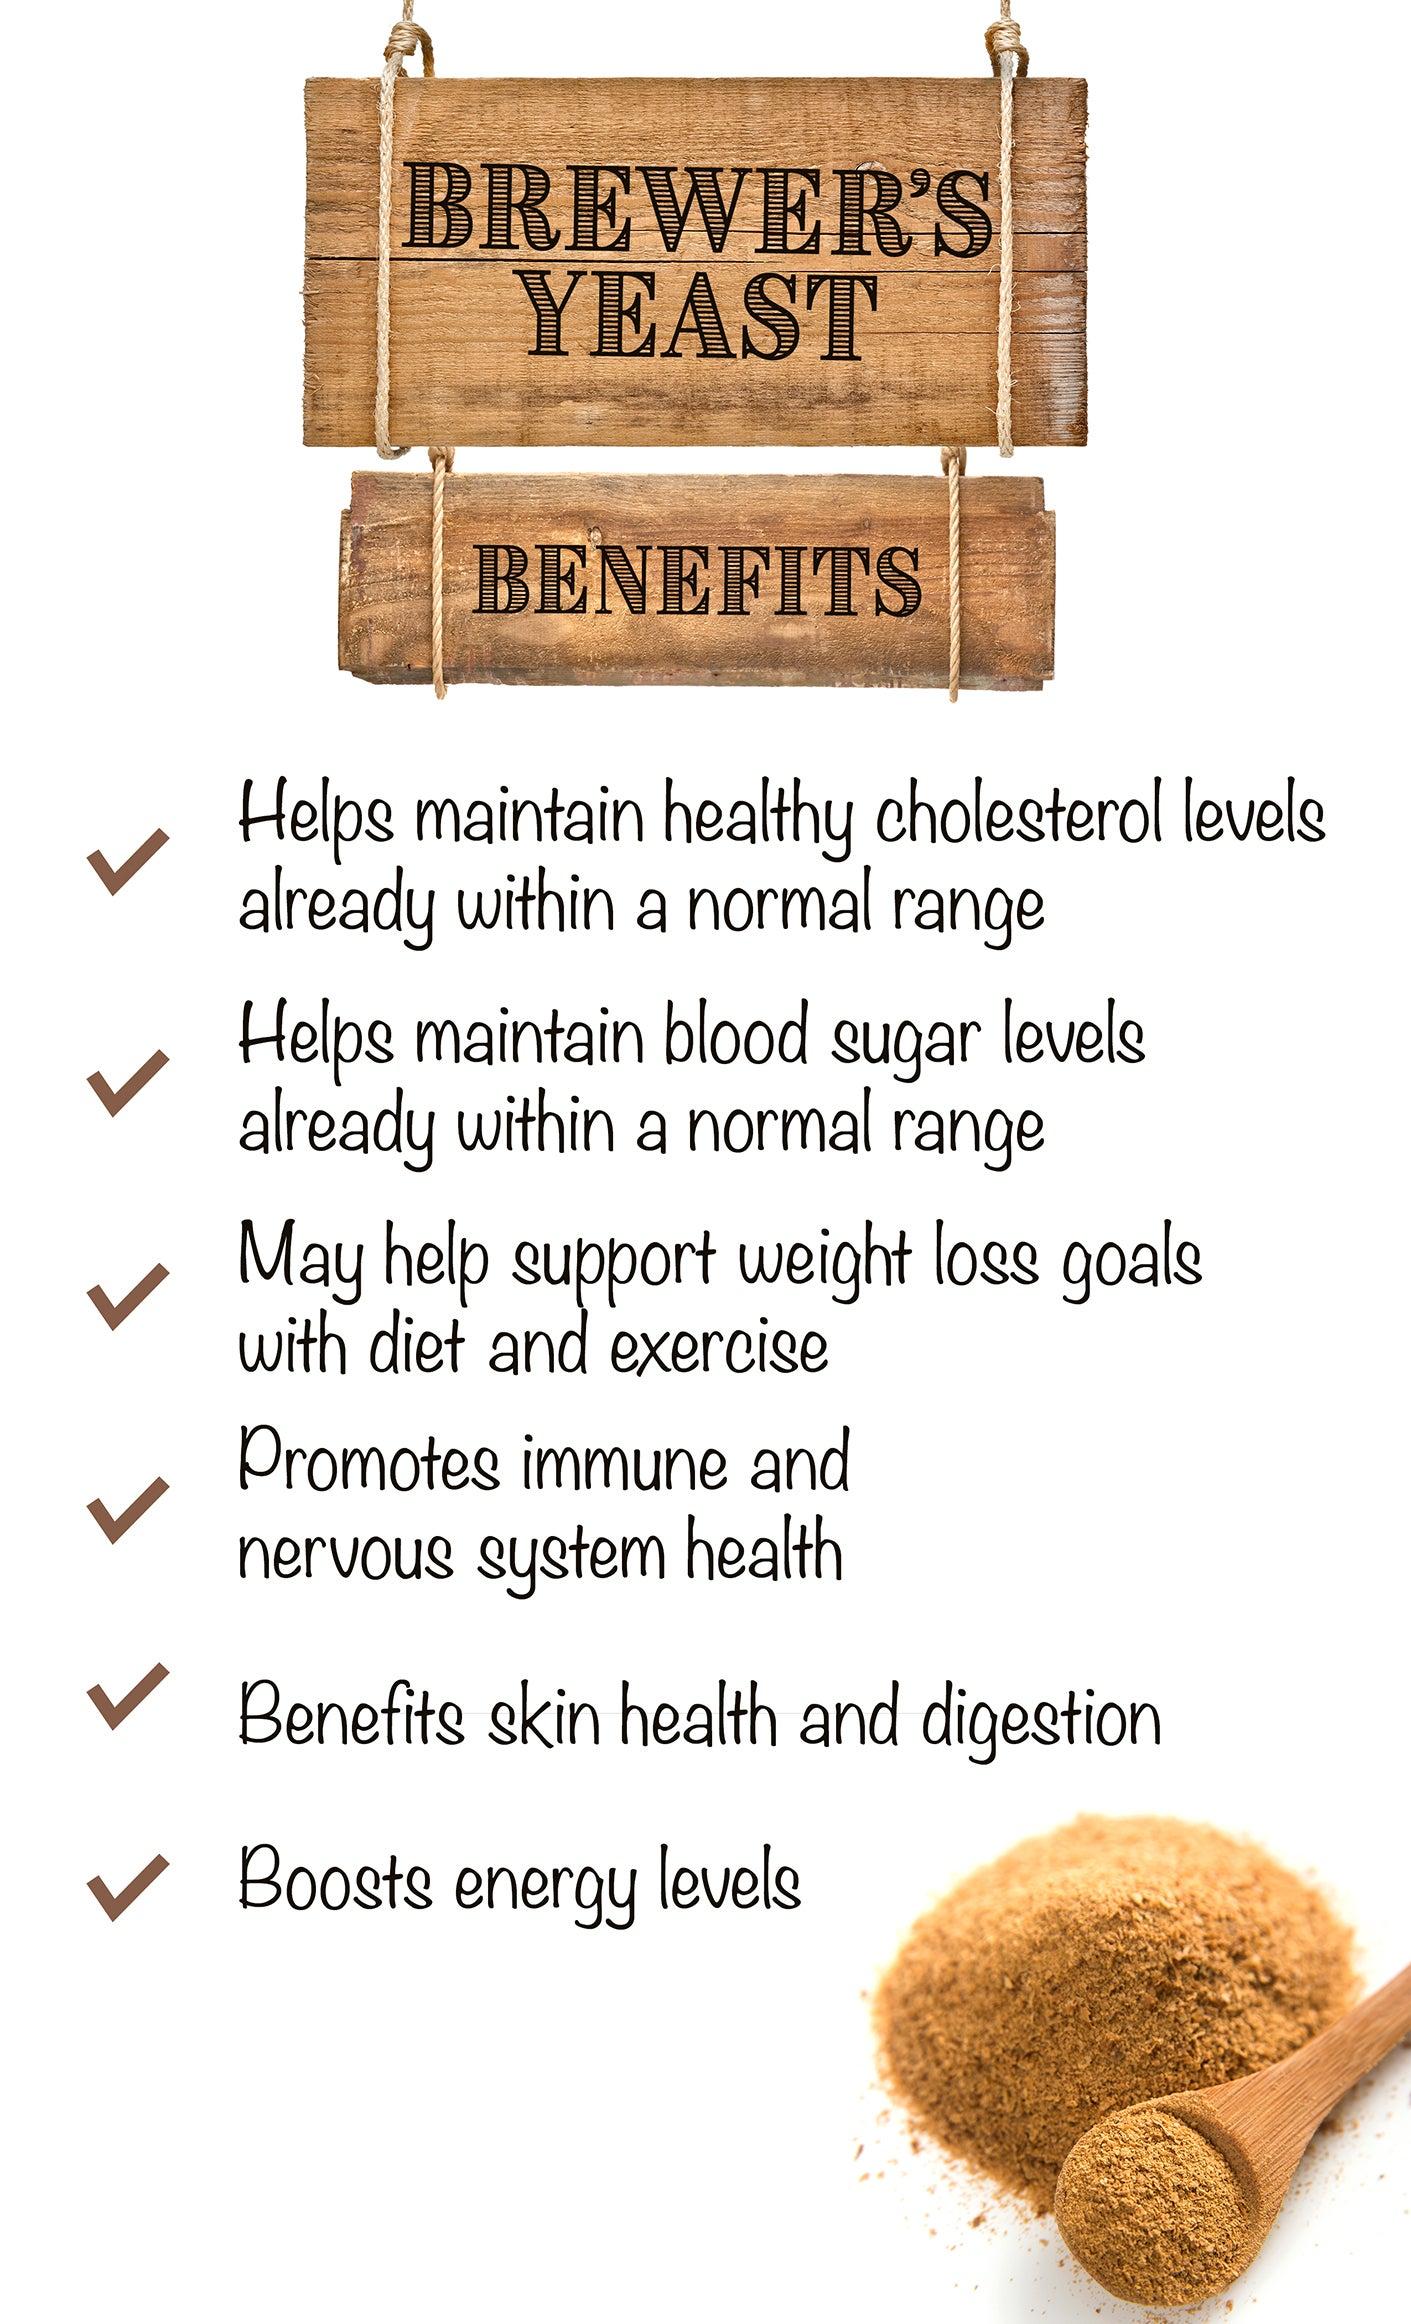 Brewer's Yeast Benefits